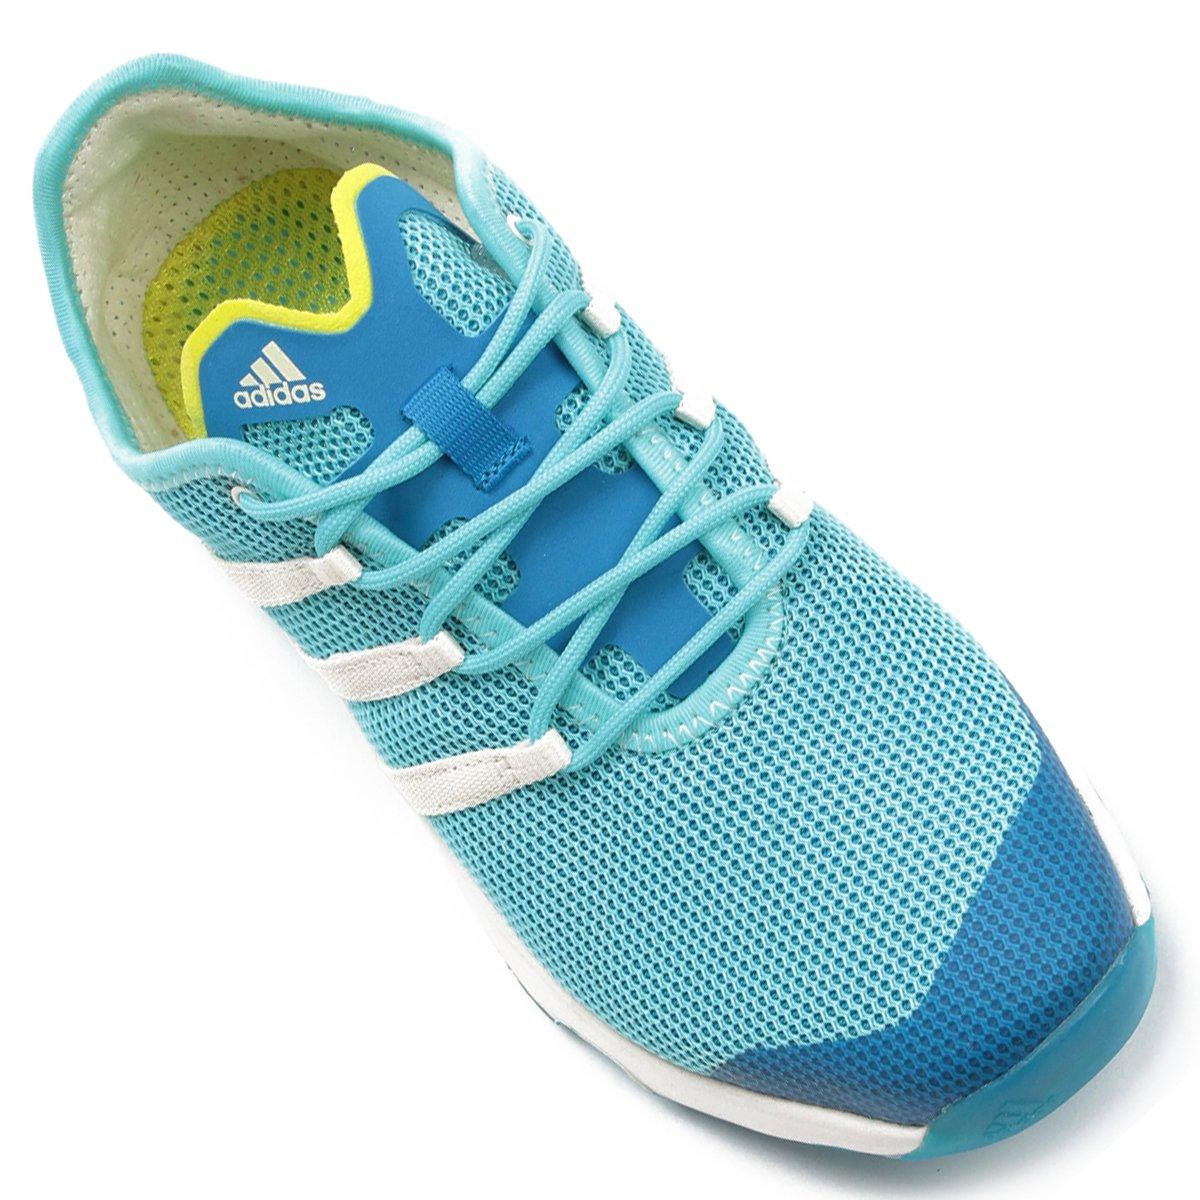 Par de Tênis Adidas Climacool Voyager azl/bco